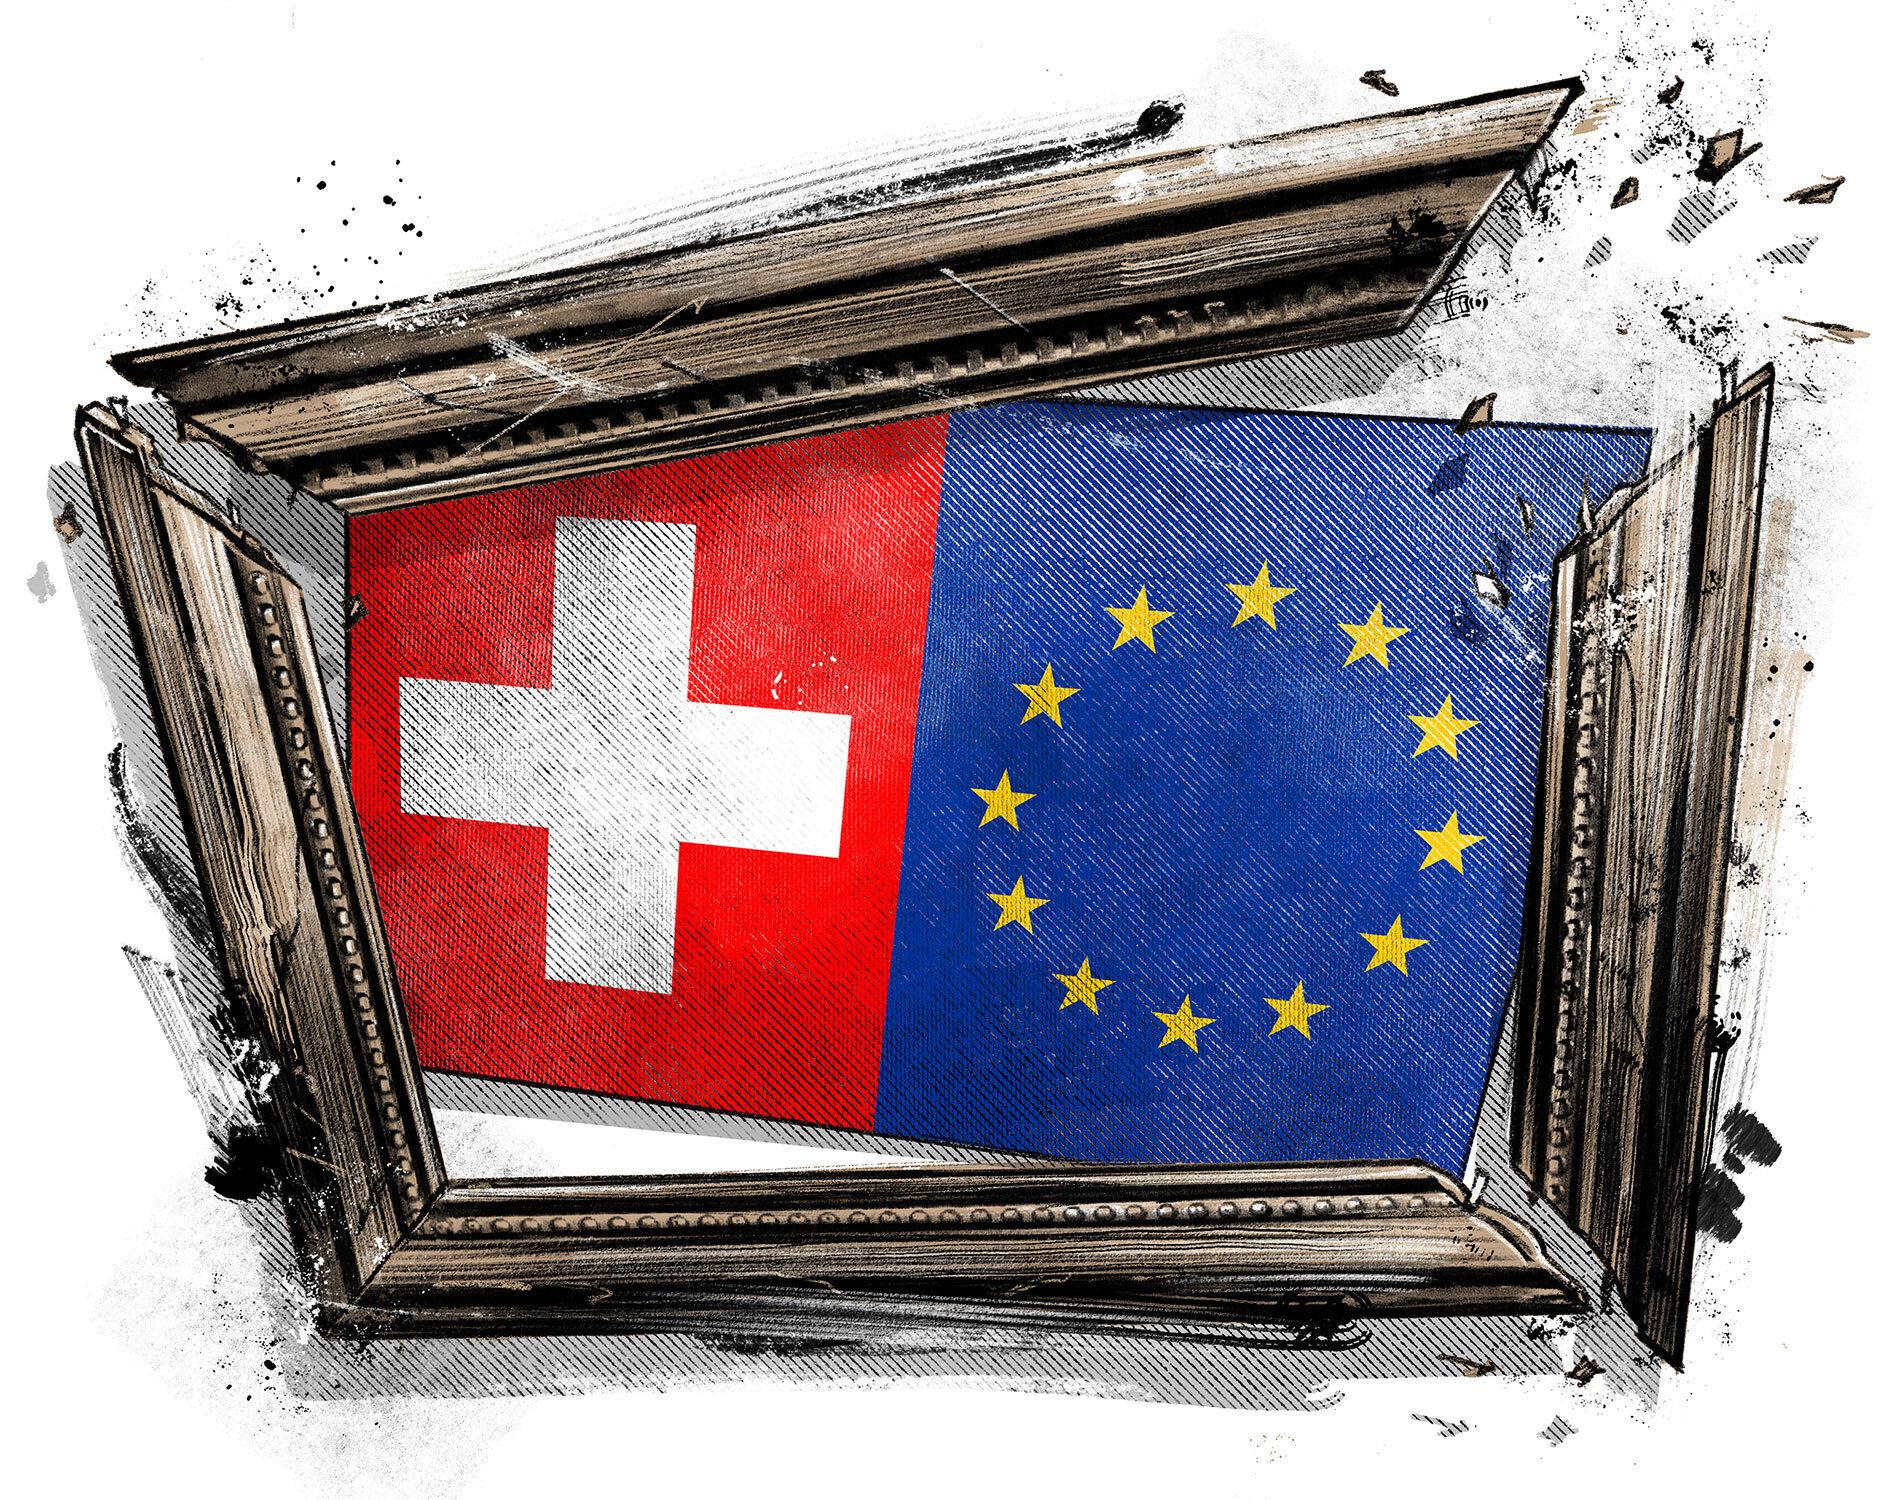 Rahmenabkommen editorial illustration eu schweiz - Kornel Illustration | Kornel Stadler portfolio